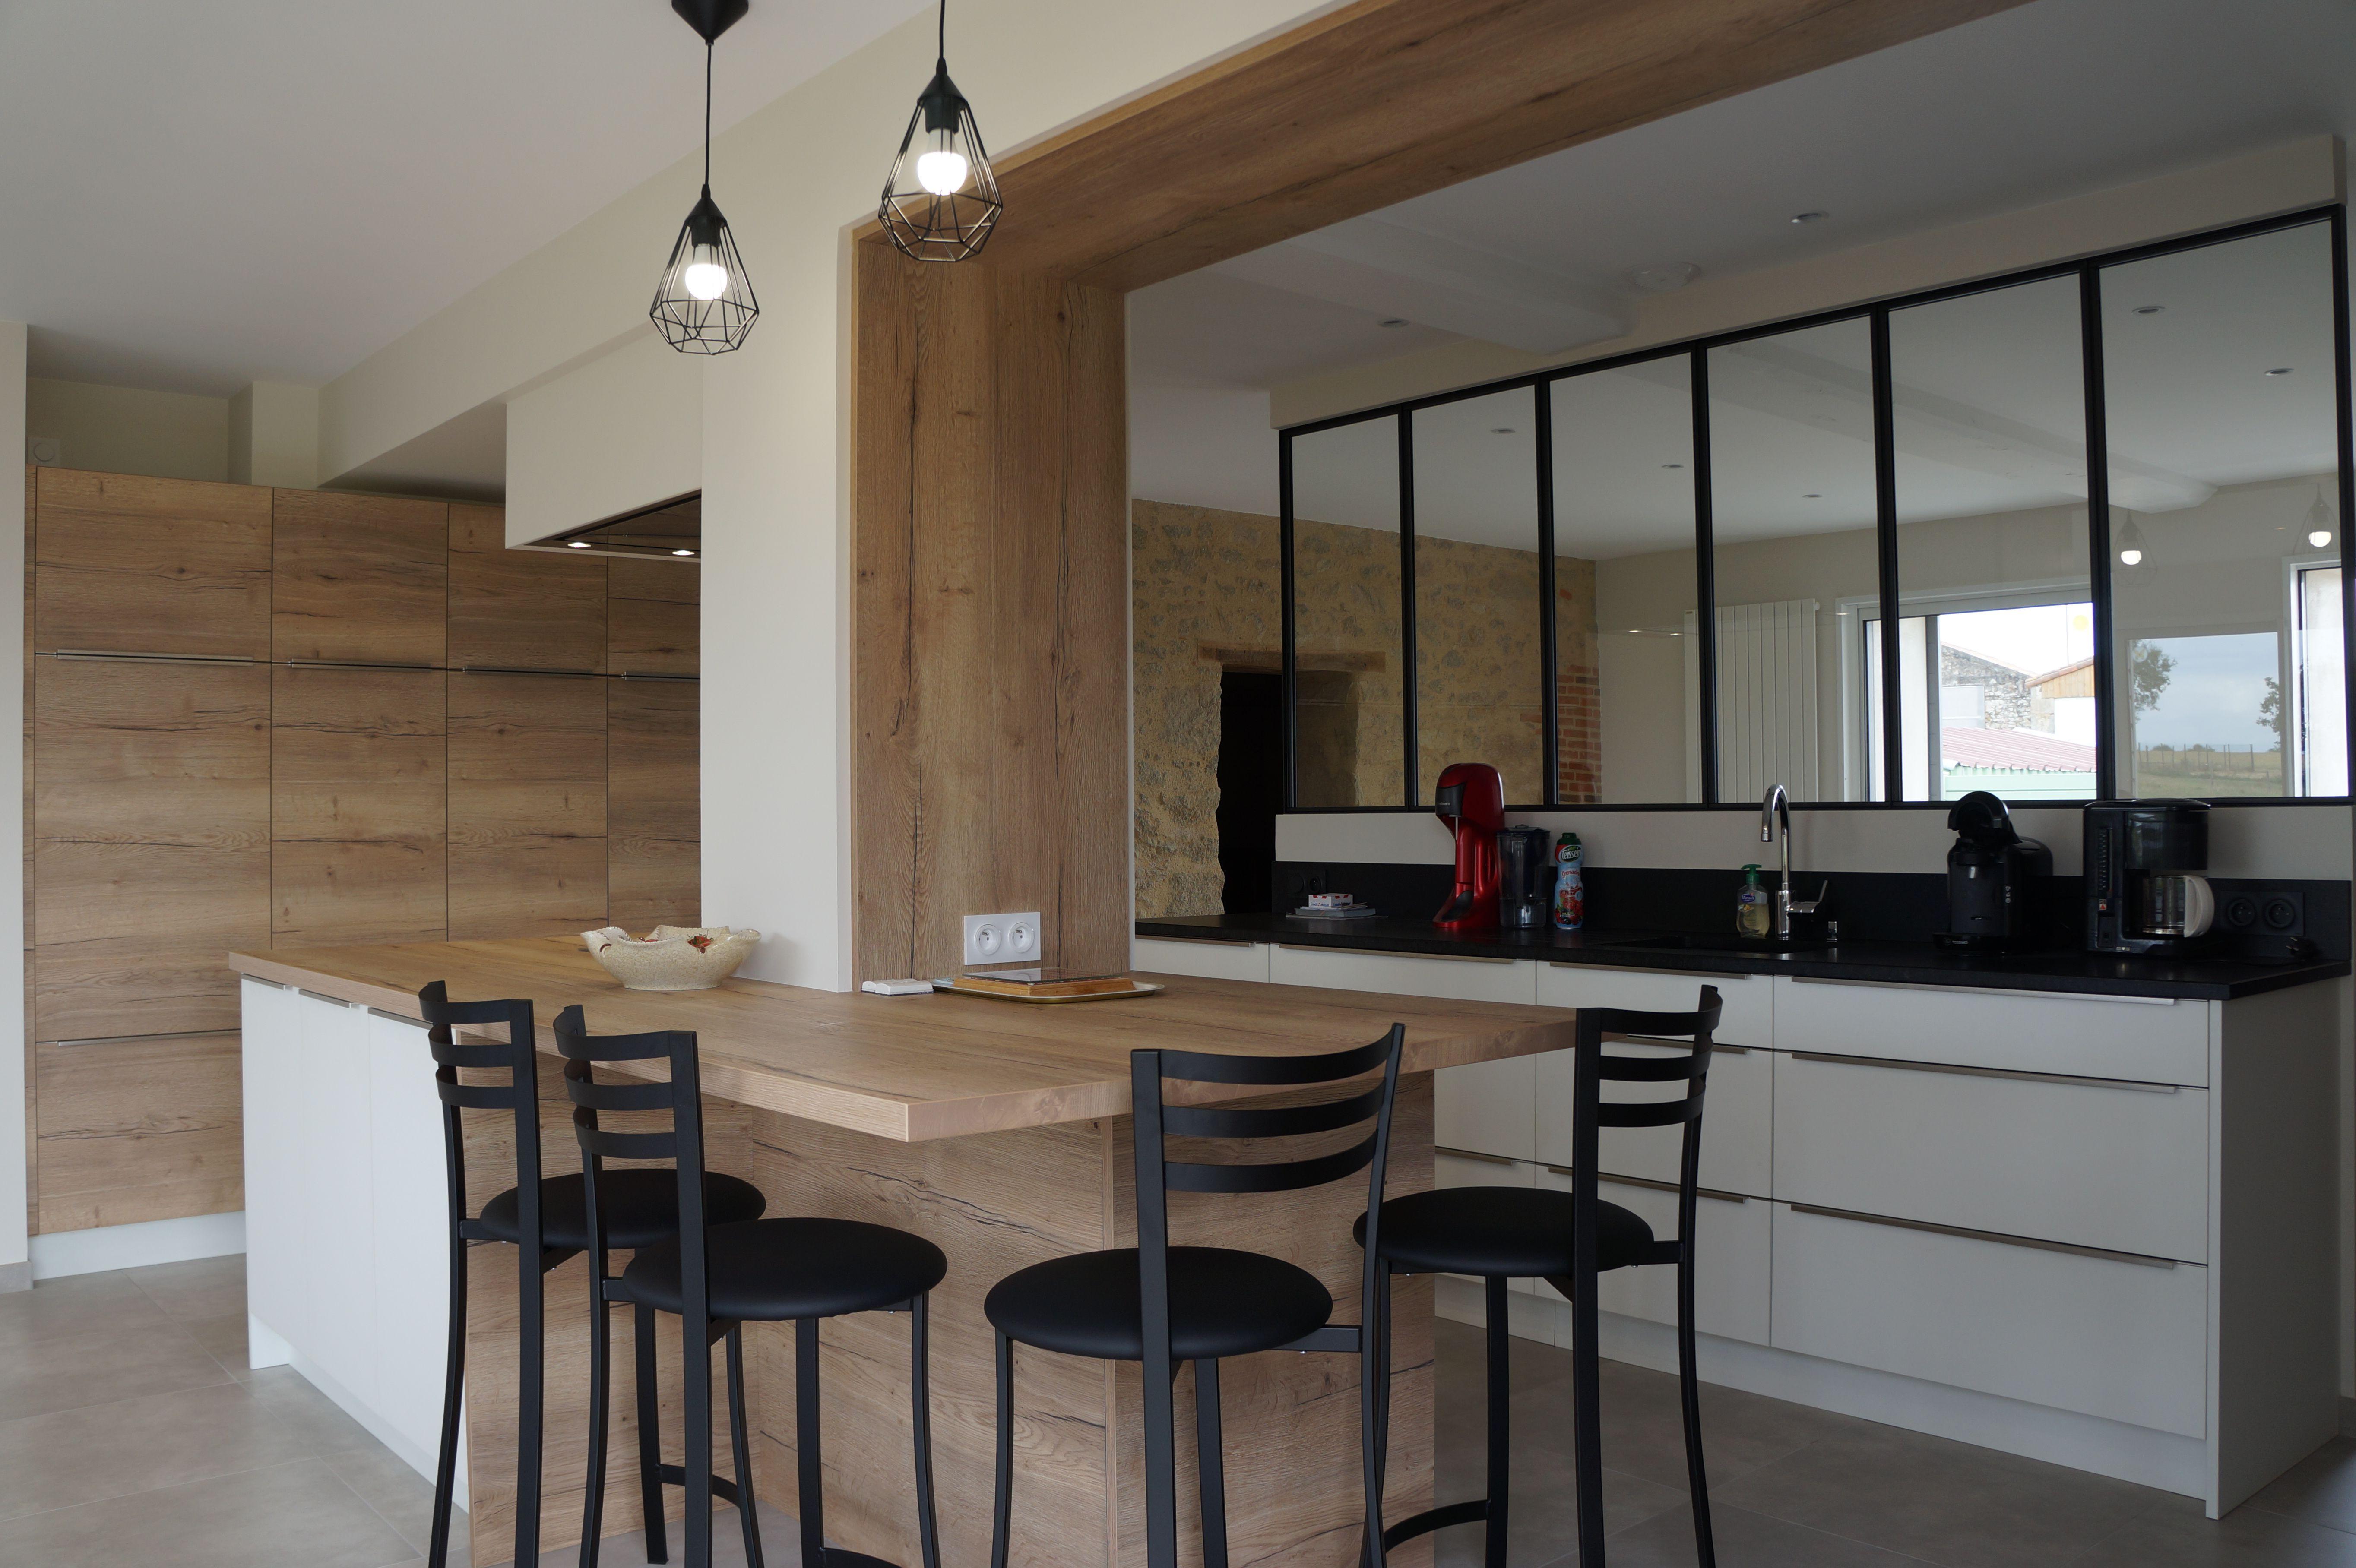 Jolie cuisine blanche et bois clair, avec verrière de séparation